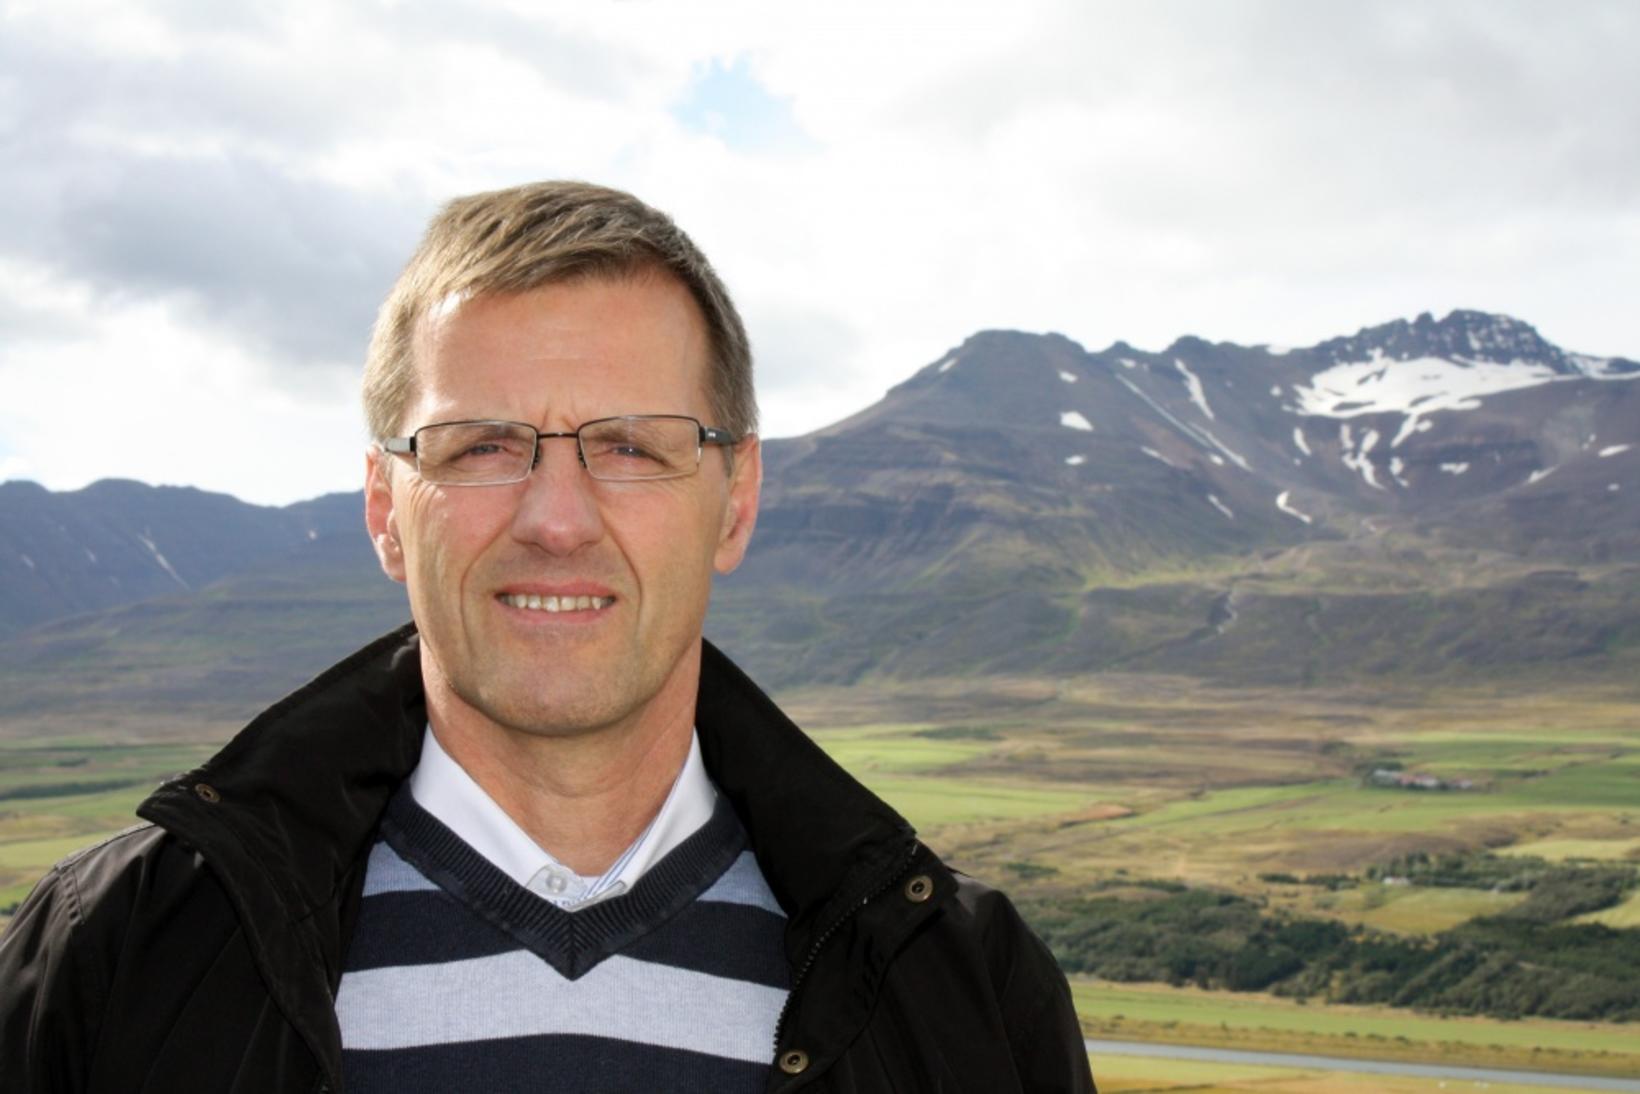 Karl Frímannsson sviðsstjóri fræðslusviðs Akureyrarbæjar.